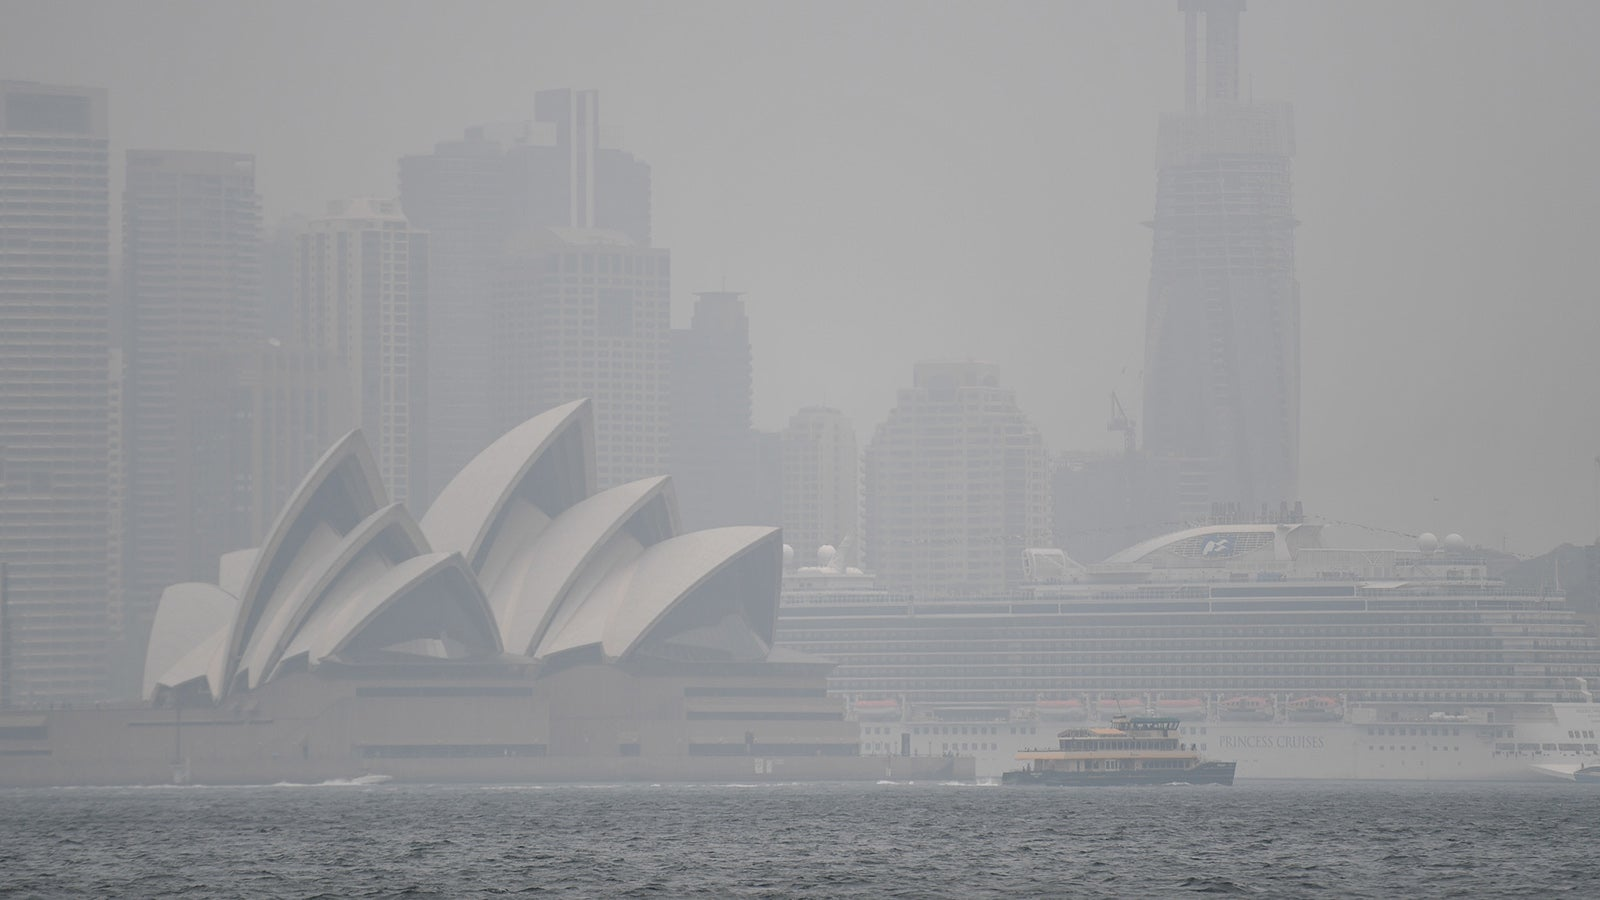 Traurige Bilanz: Hunderte starben an Rauch von australischen Buschfeuern